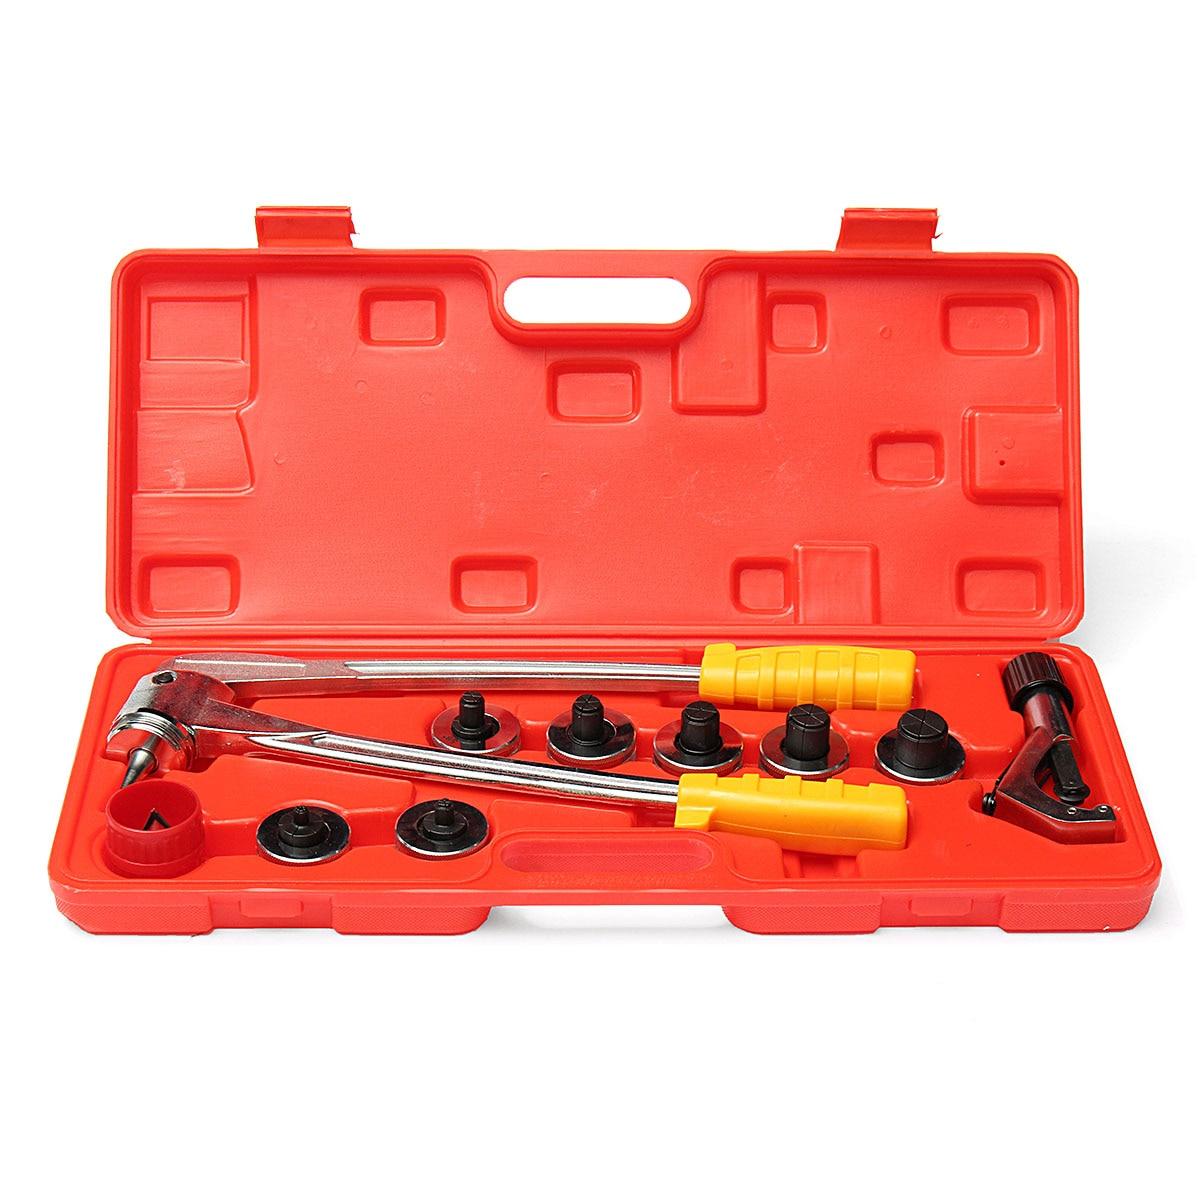 Nouveauté Tube Expander Outil Kit expandeur de tuyau coupe-tube Plomberie climatiseur T018 expandeur de tuyau Outil